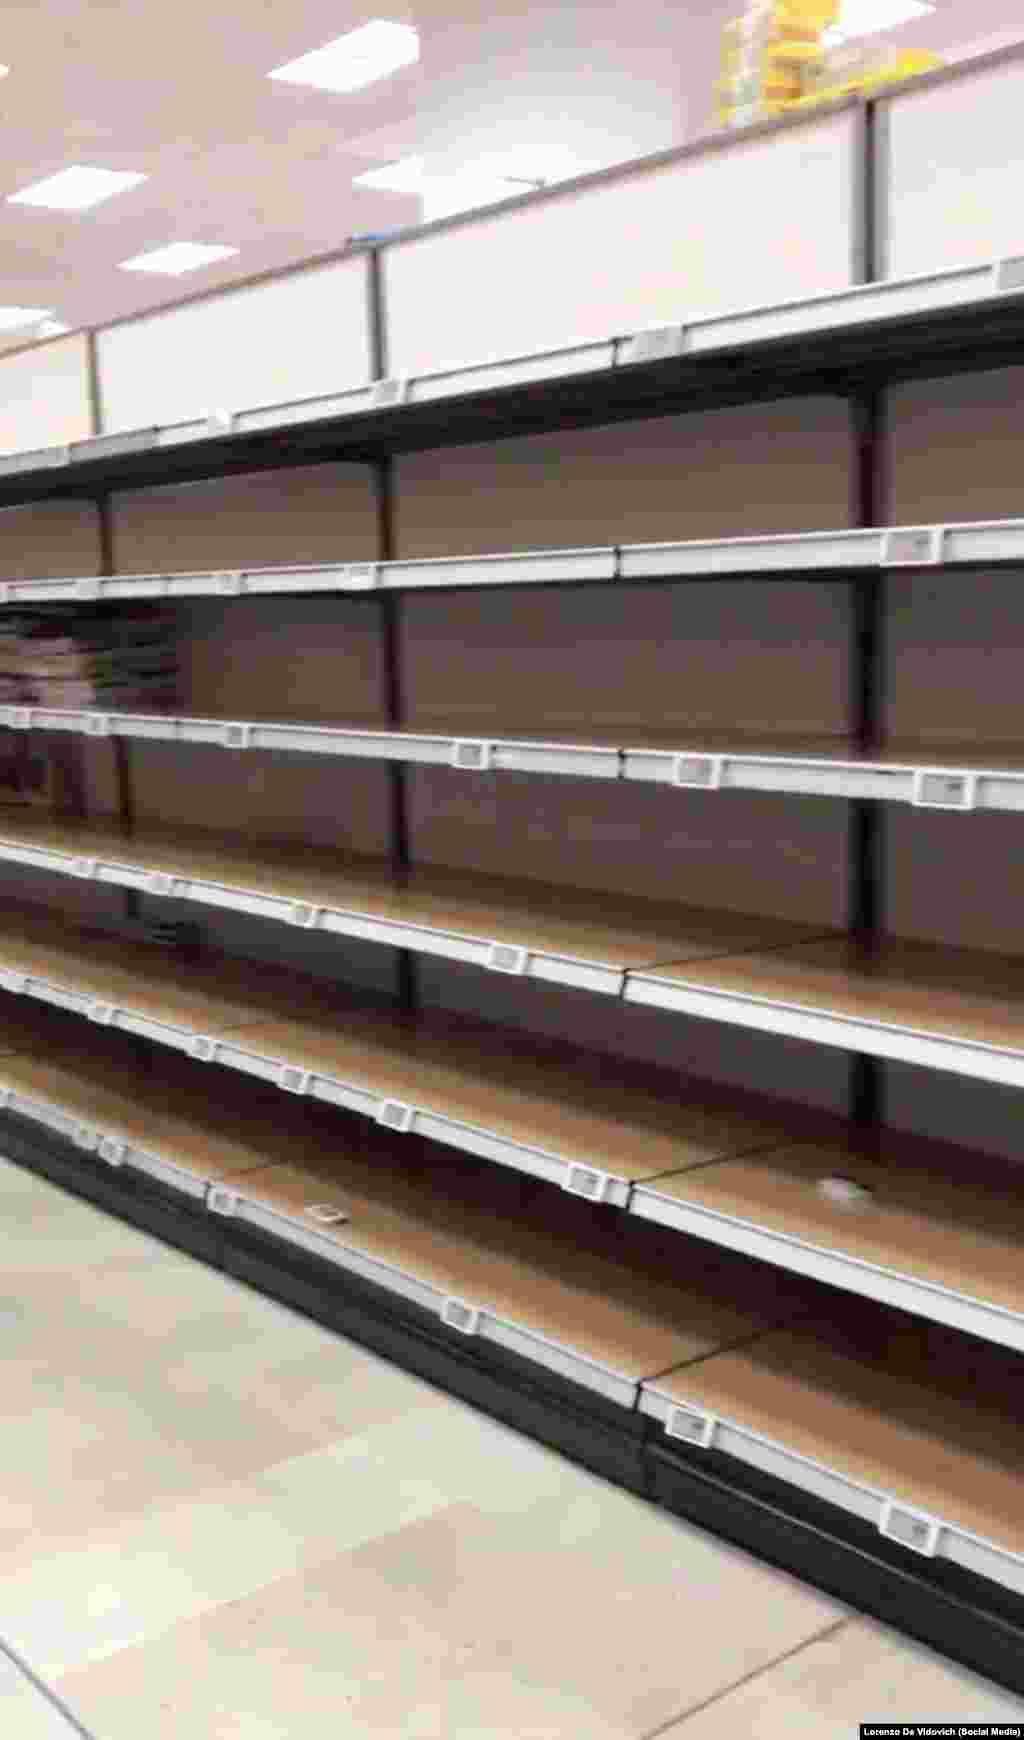 Полиці одного із міланських супермаркетів. Скріншот із відео з соціальних мереж